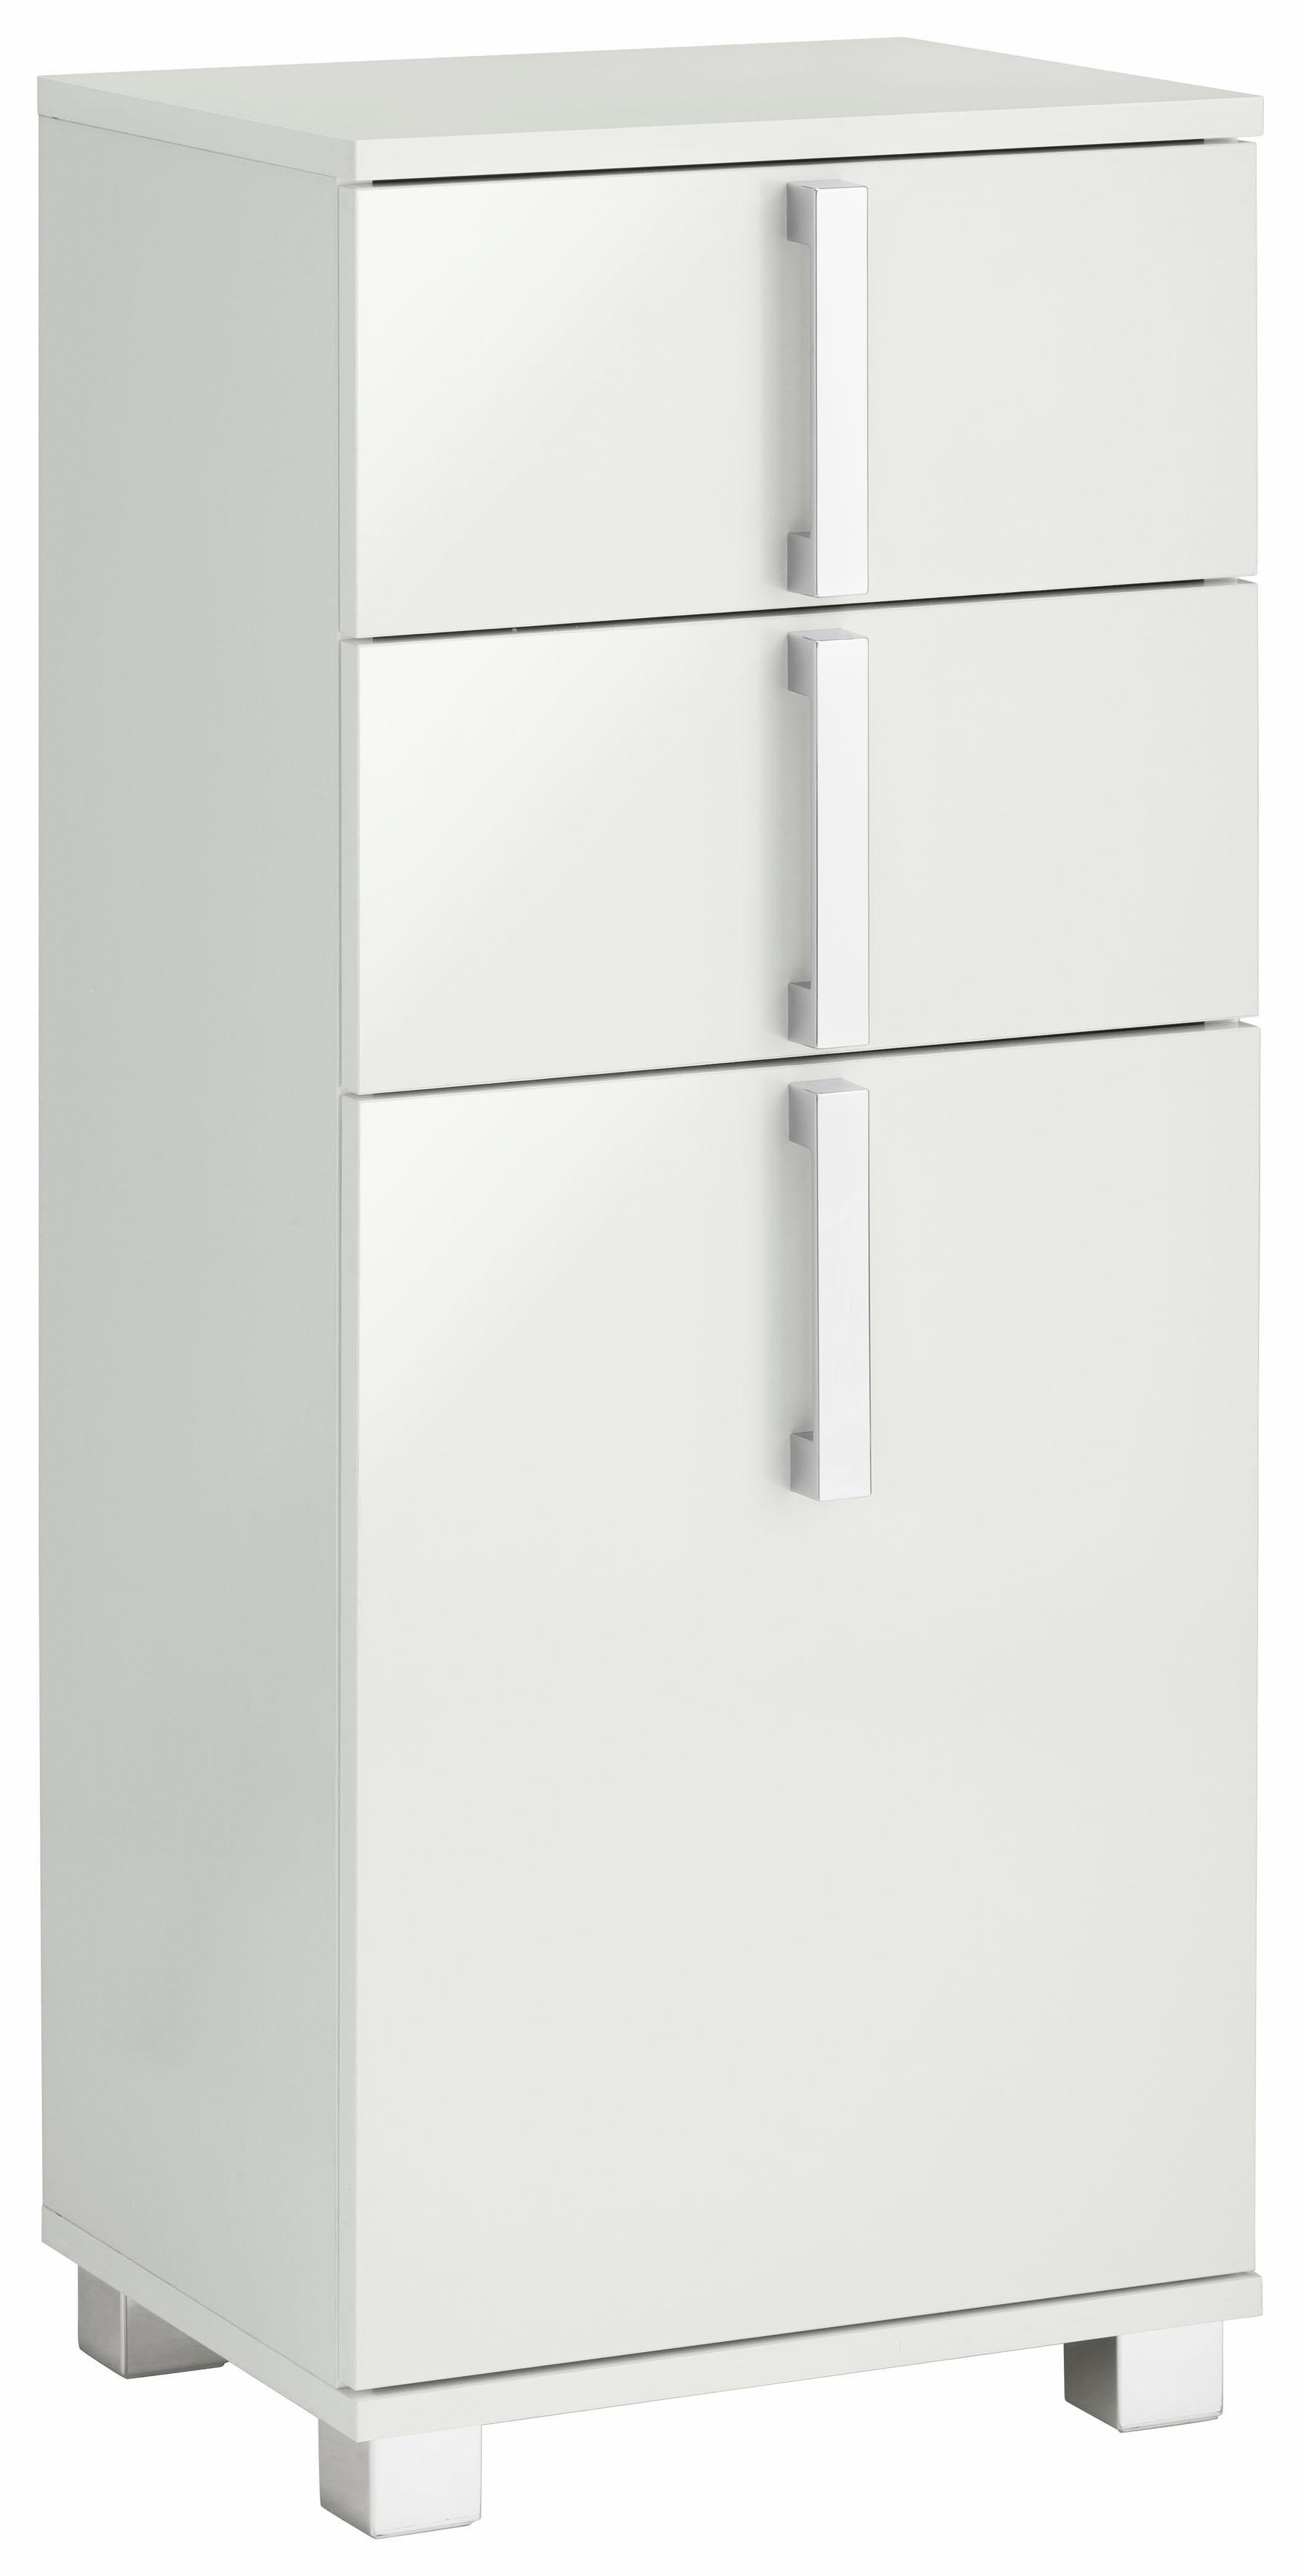 Schildmeyer onderkast Kampen Breedte 40 cm, badkamerkast met metalen handgrepen, deur met soft-closefunctie, aan te passen draairichting en 2 praktische laden in de webshop van OTTO kopen